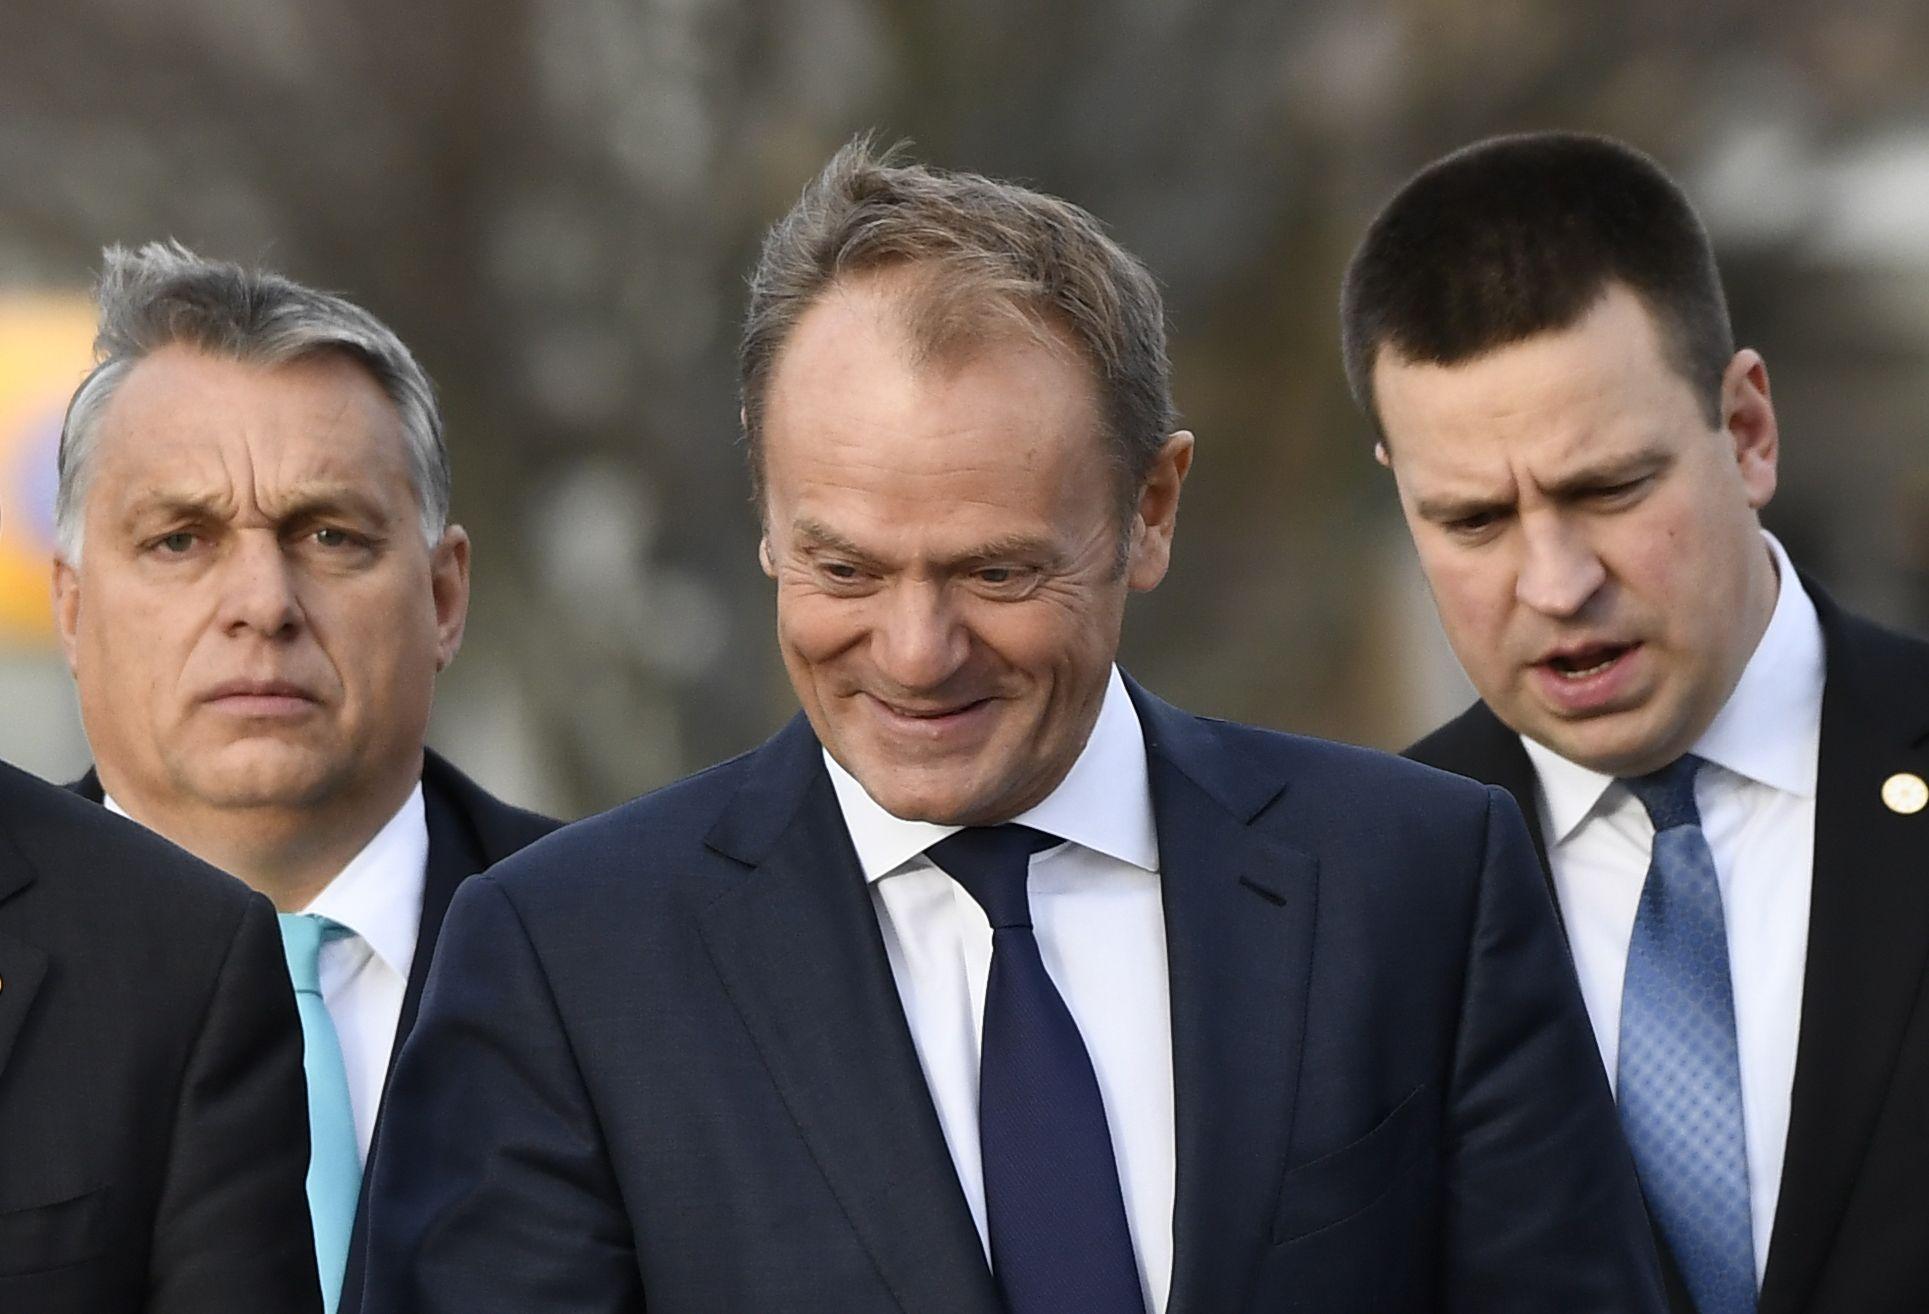 Brüsszelben éppen azt tárgyalják, hogyan kerüljék el a kötelező kvótát